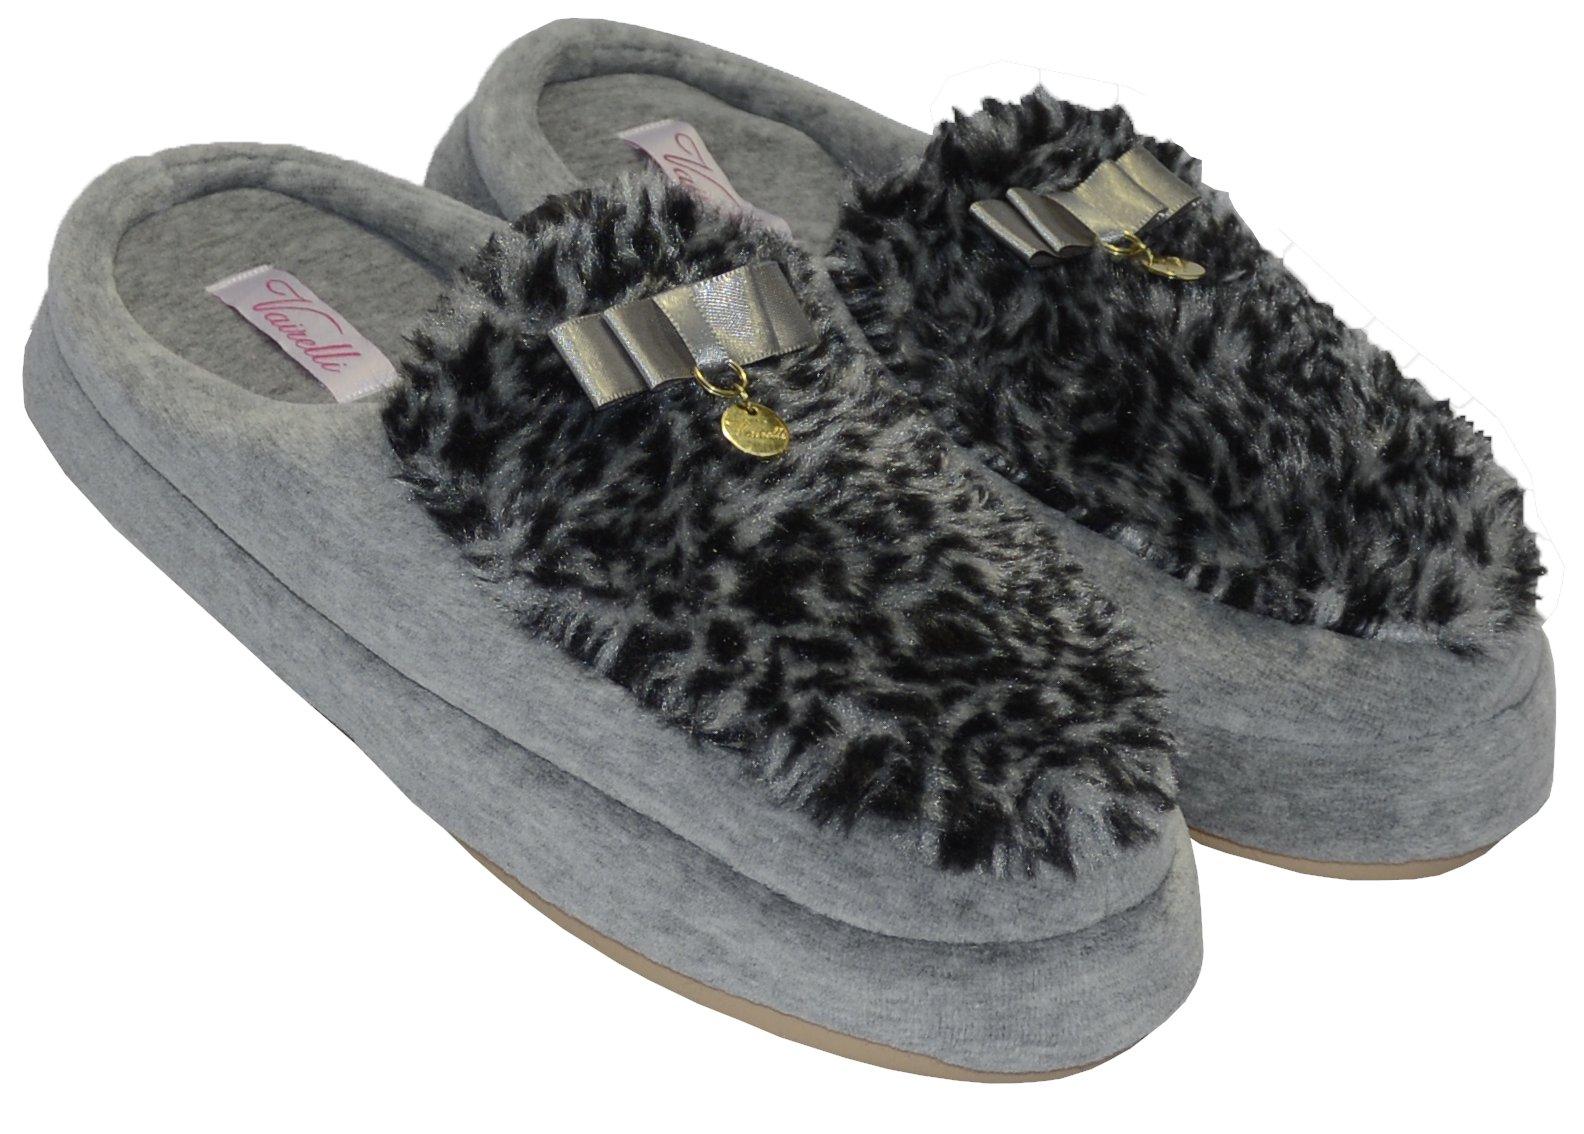 Chinelo de Quarto Feminino Vairelli Inverno em Plush Com Pele BP Super Confortável  - Vairelli Chinelos Pijamas Robes